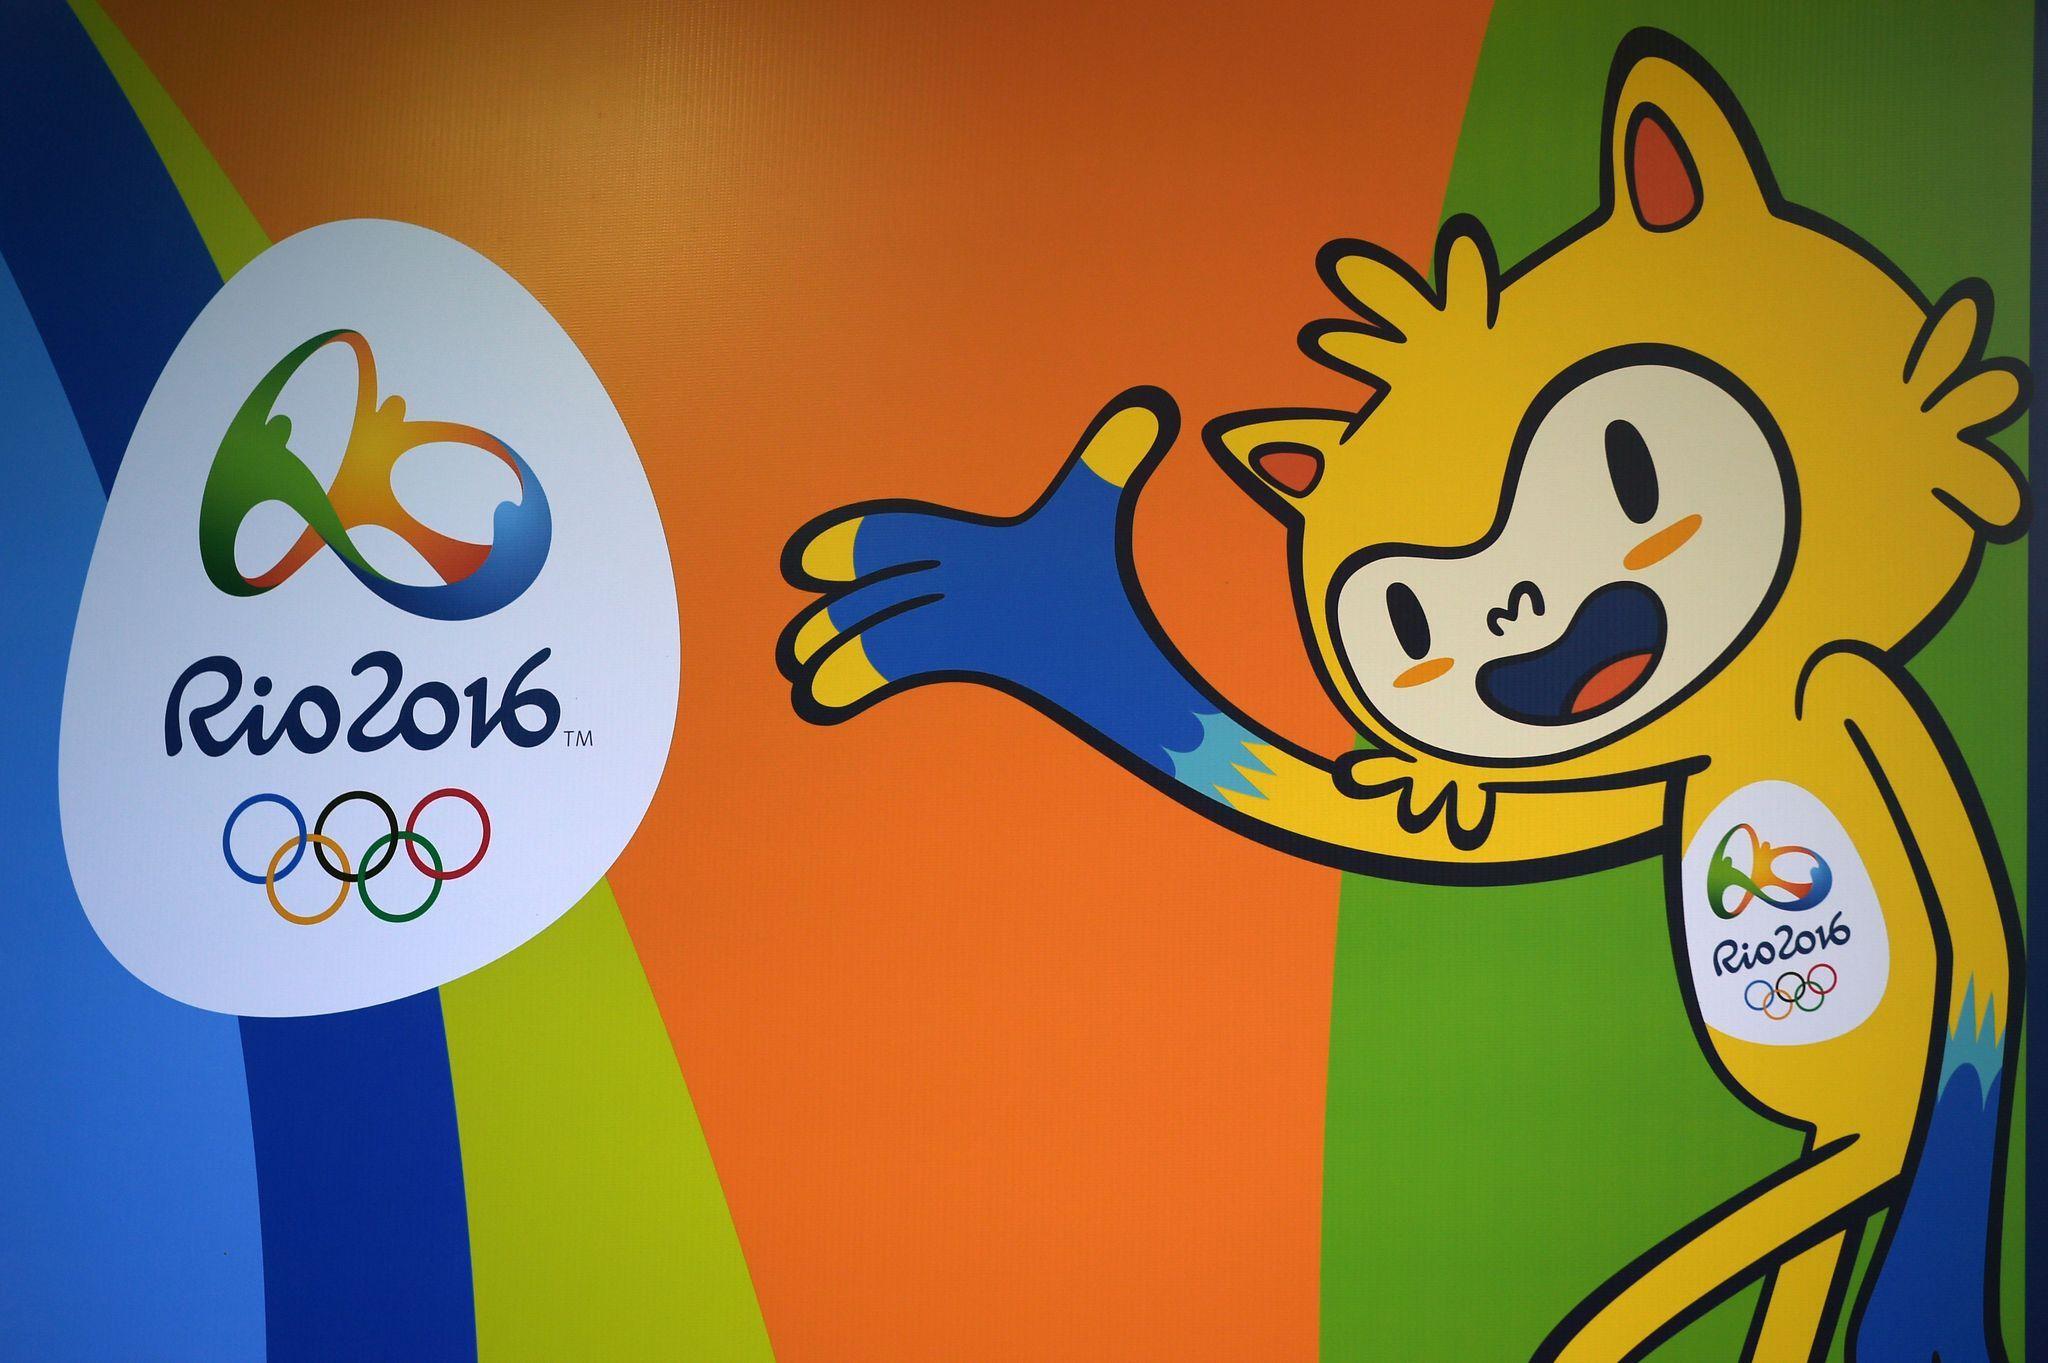 Rio 2016 Juegos Olimpicos en Brasil Rio de Janeiro 2016 mascota